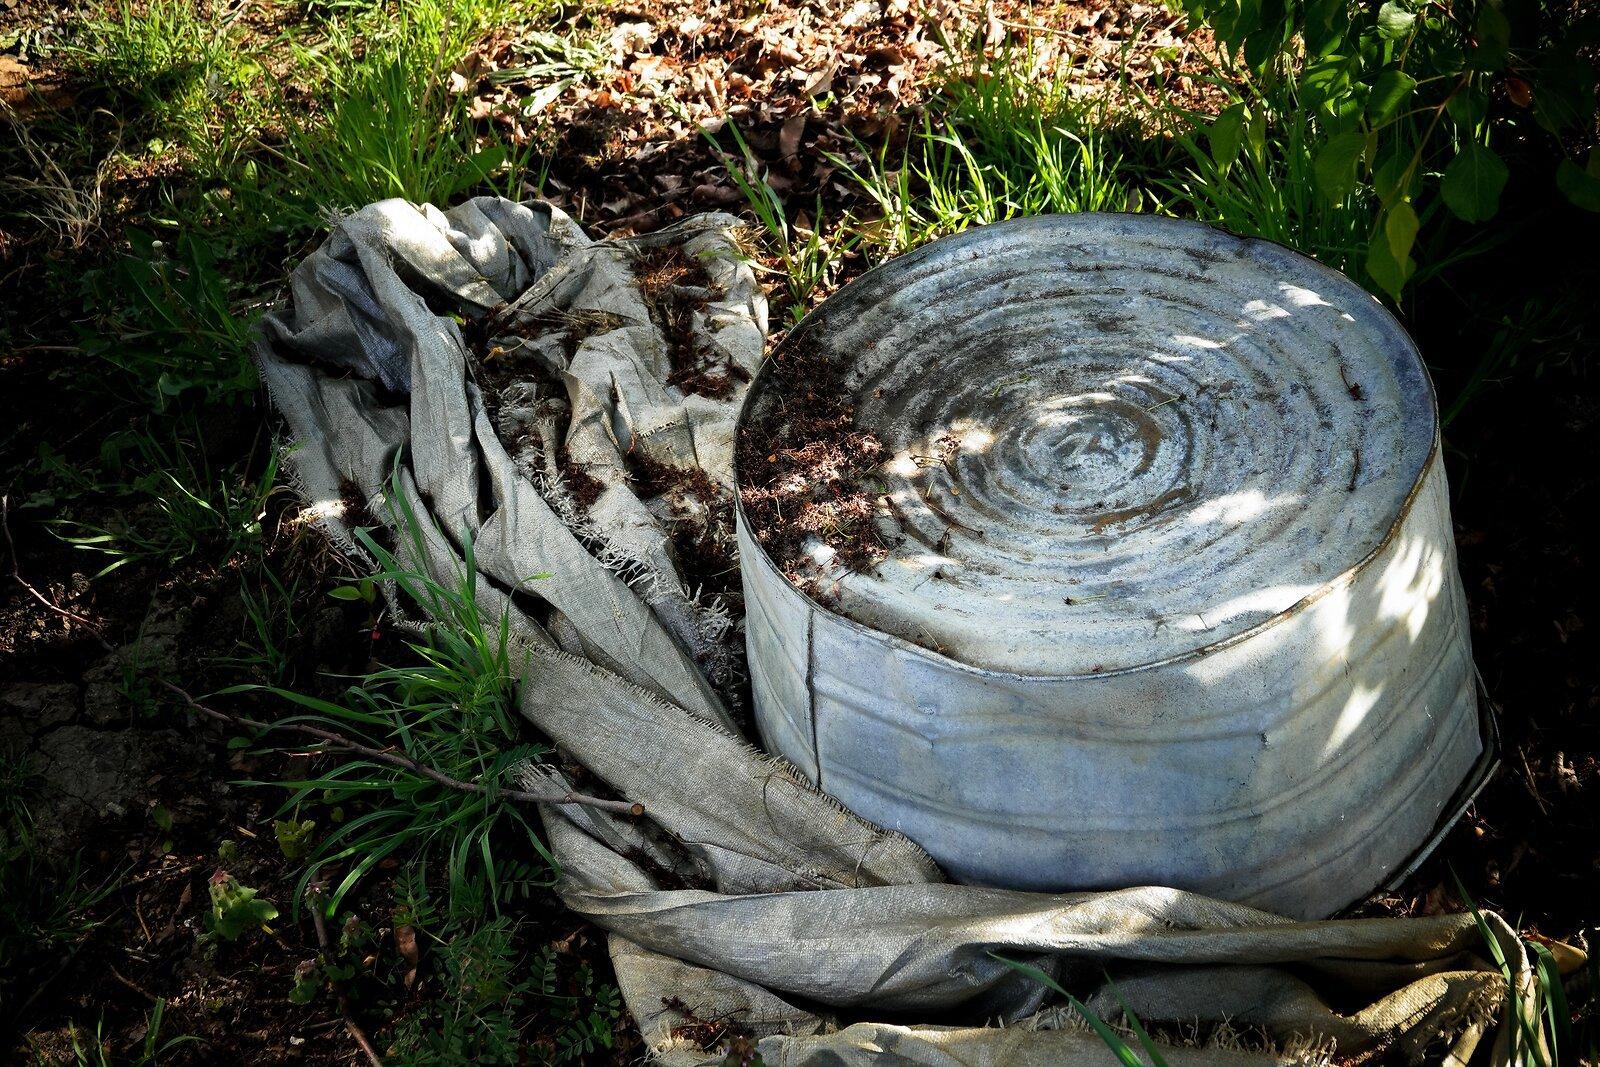 RX10_Apr29_21_metal_garden_pail.jpg